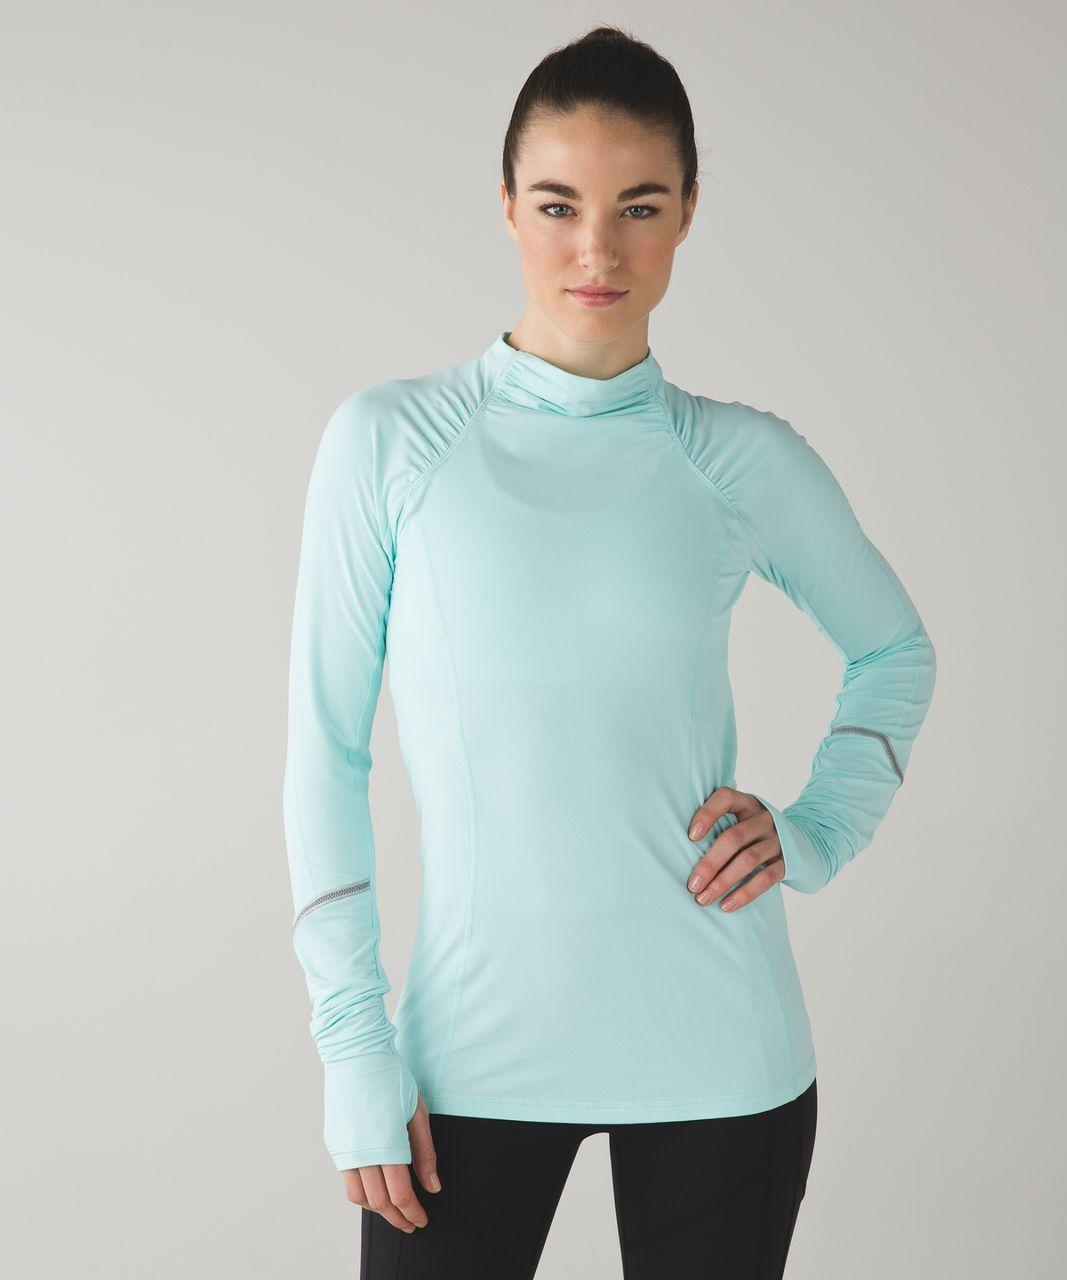 Lululemon Warm It Up Long Sleeve - Heathered Aquamarine